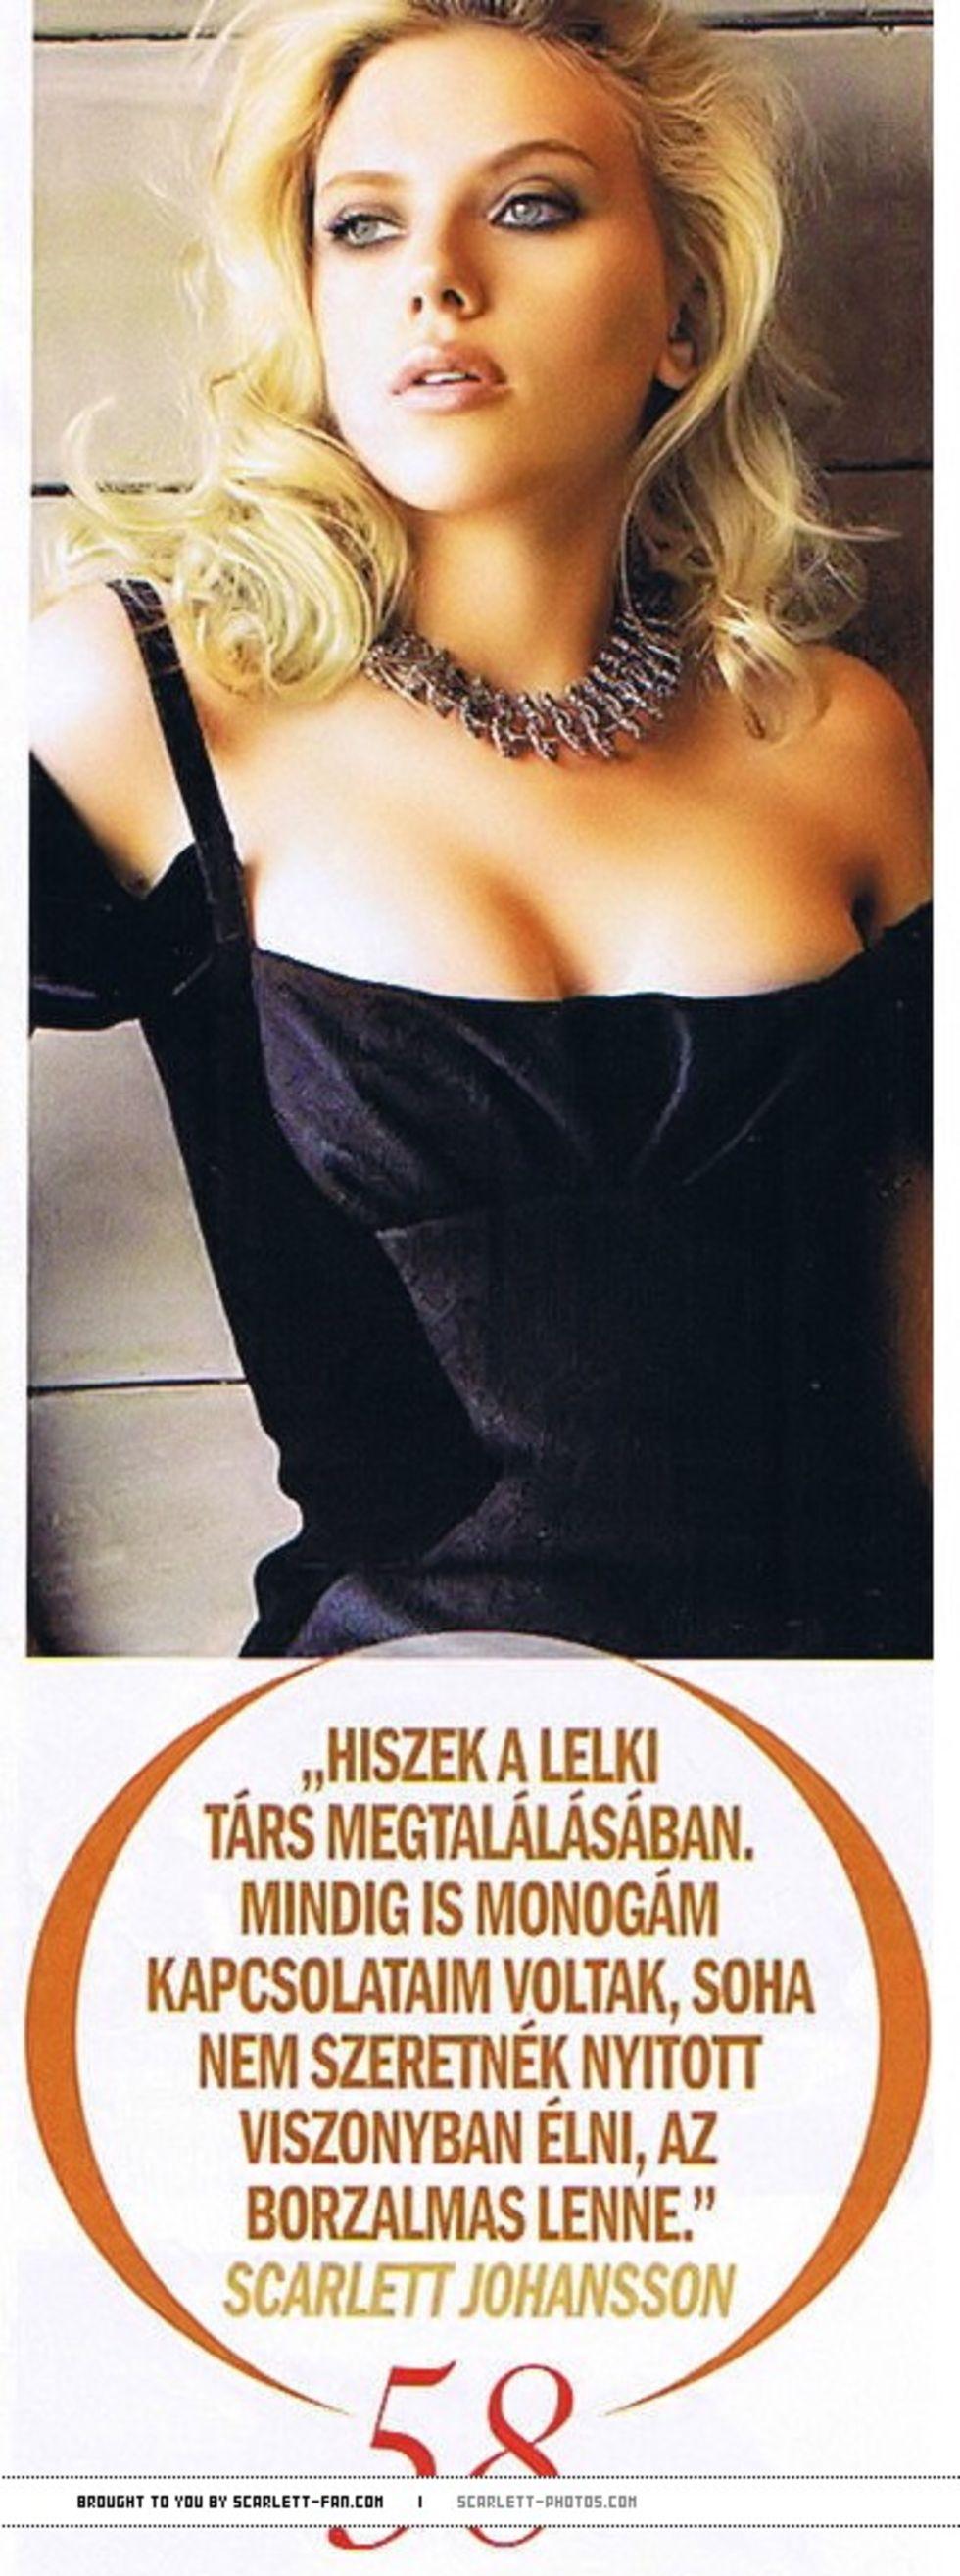 scarlett-johansson-cosmopolitan-magazine-hungary-september-2008-01